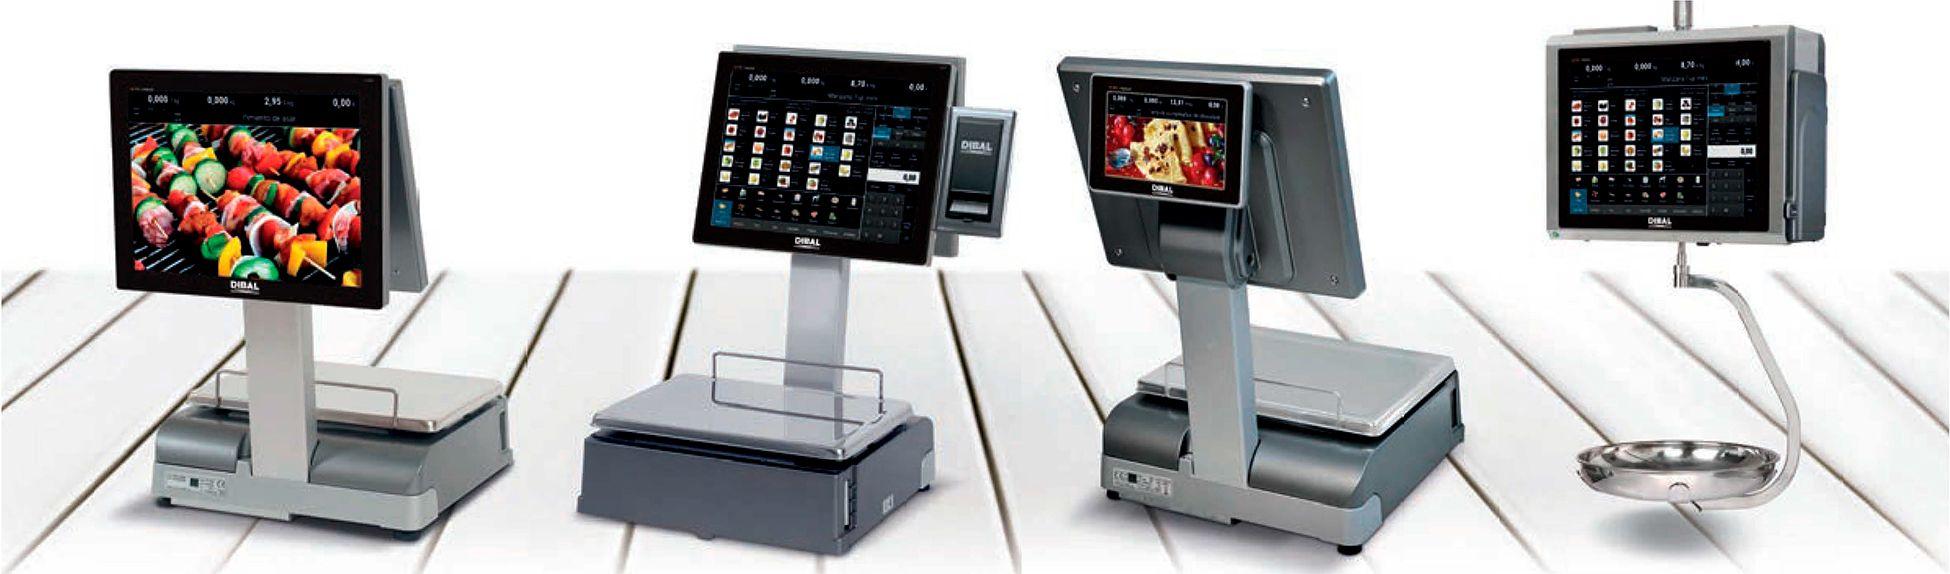 Balances amb PC - Solucions pesatge petit comerç